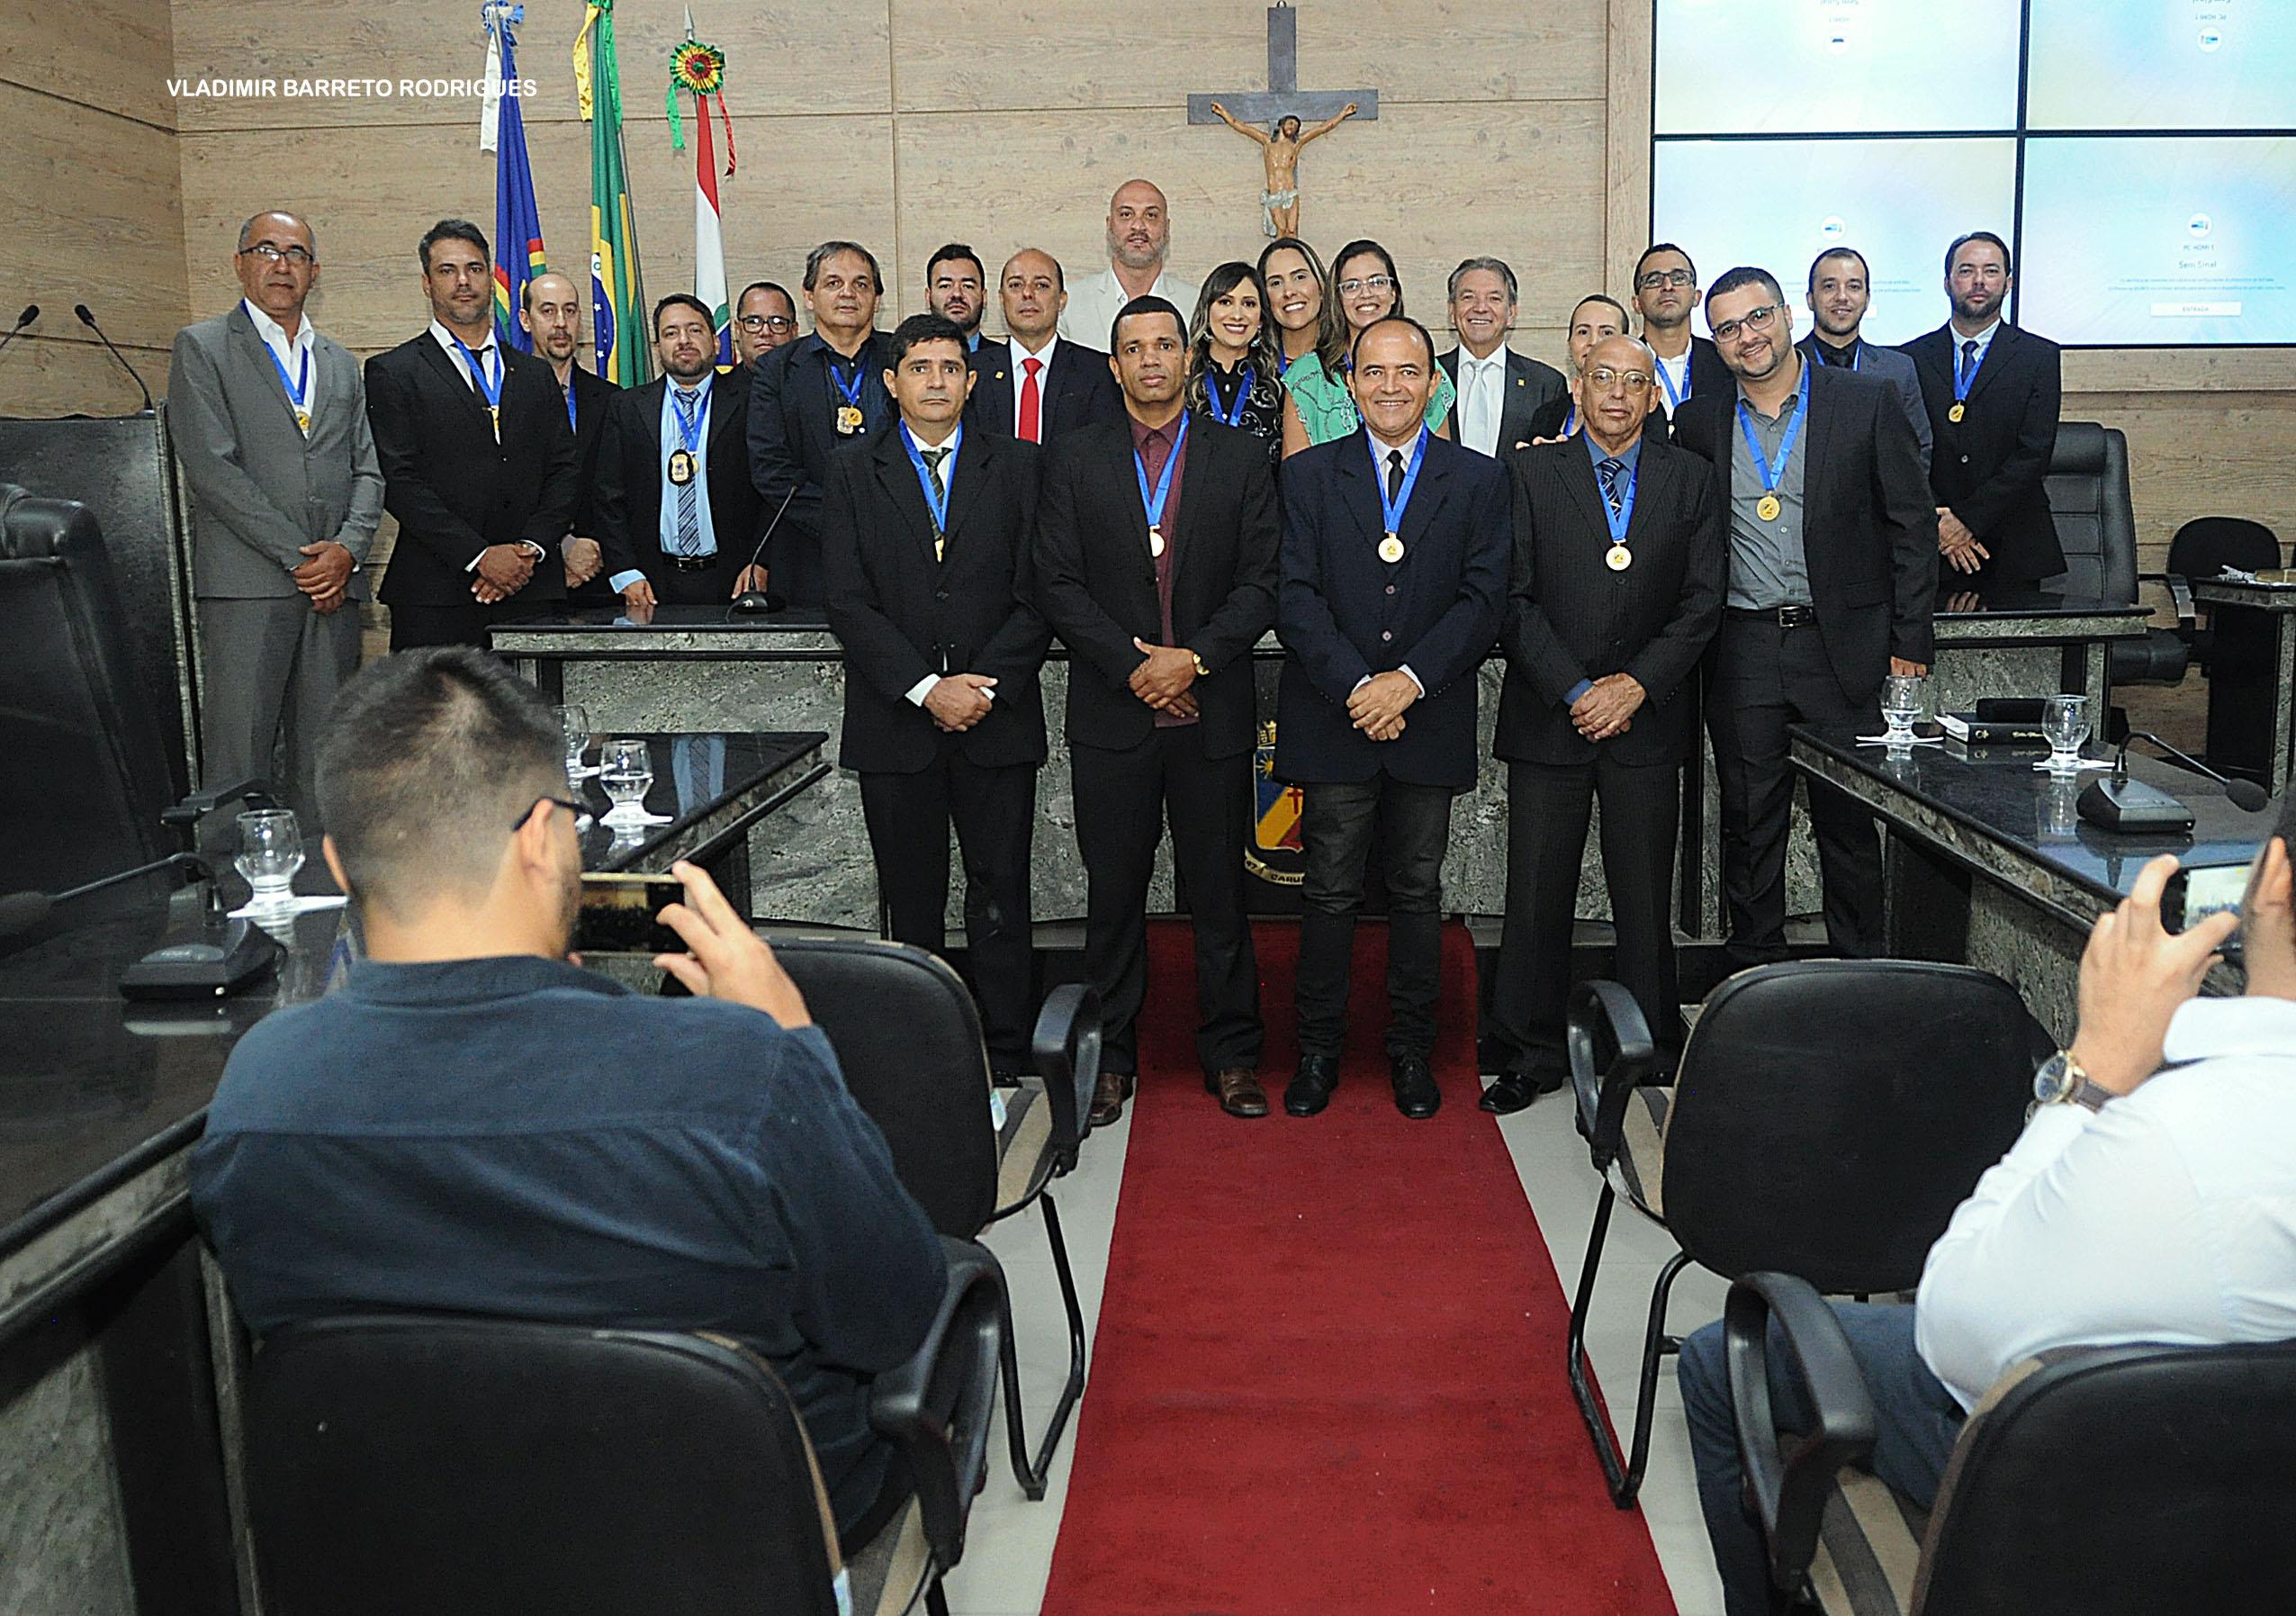 Câmara homenageia 22 agentes penitenciários da Penitenciária Juiz Plácido de Souza